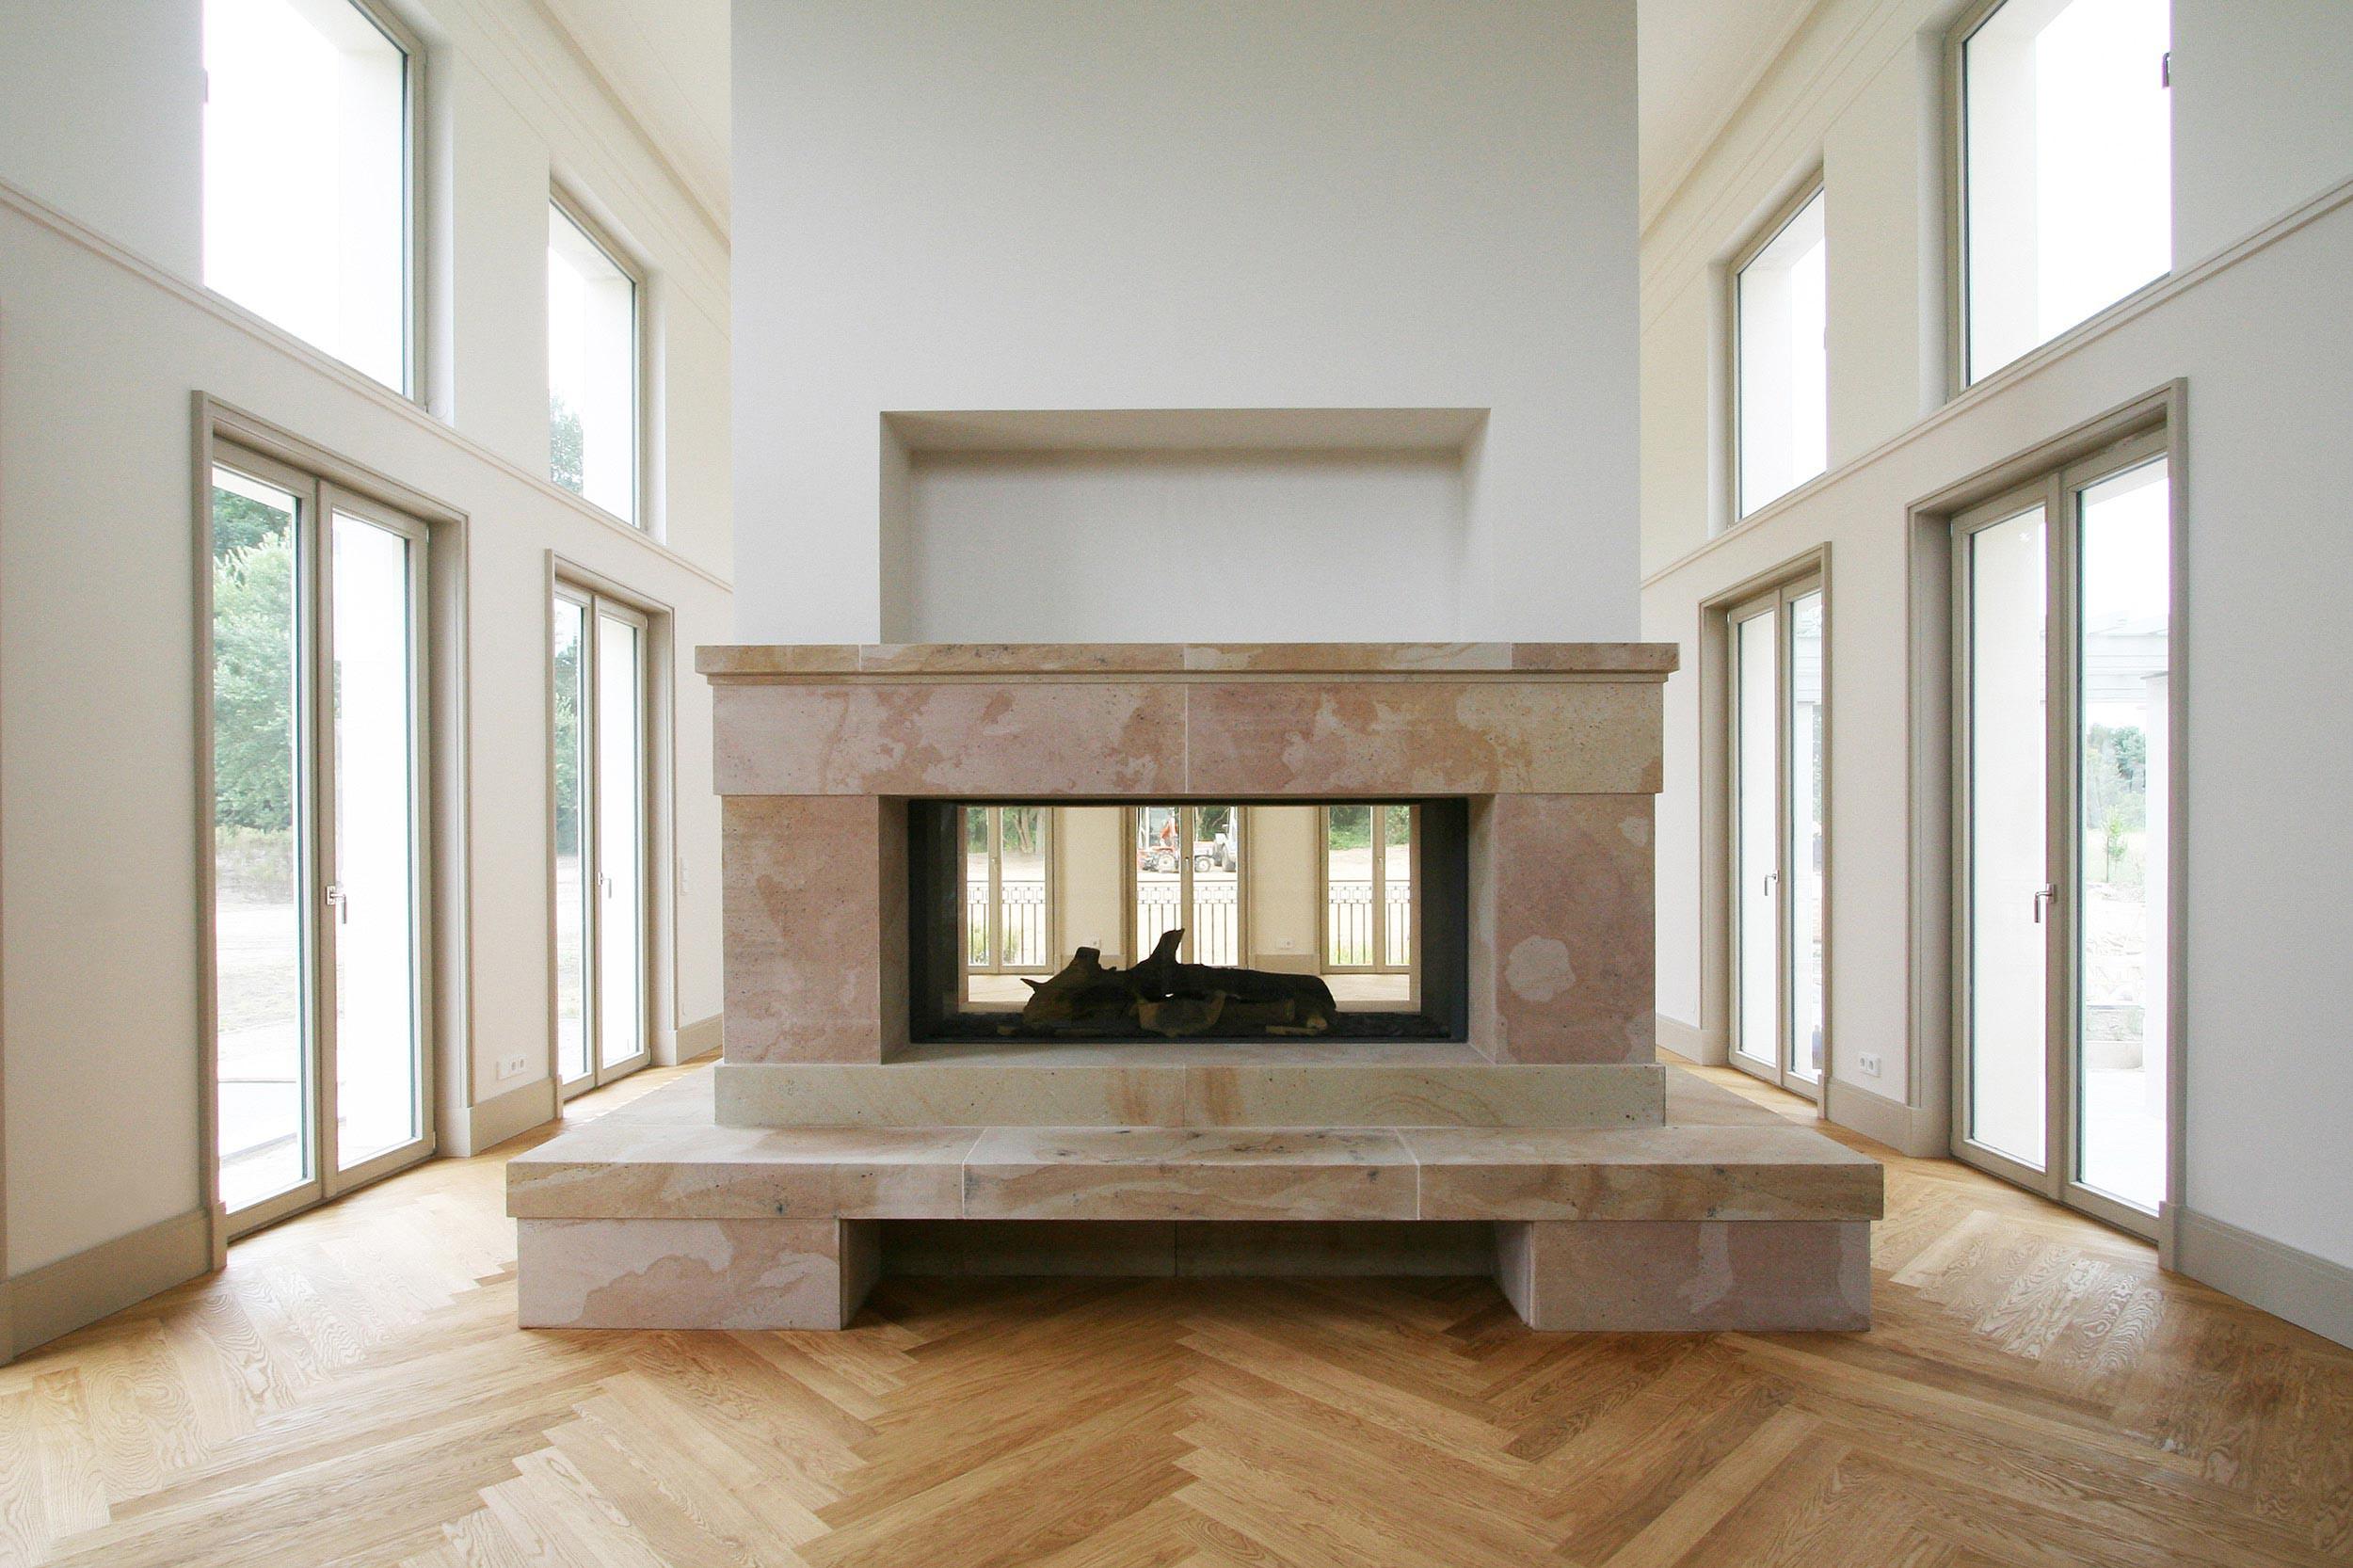 KLASSIK UND TRADITION - Neubau klassizistische Villa - Der Kamin mit einer Natursteinverkleidung aus Buntsandstein.